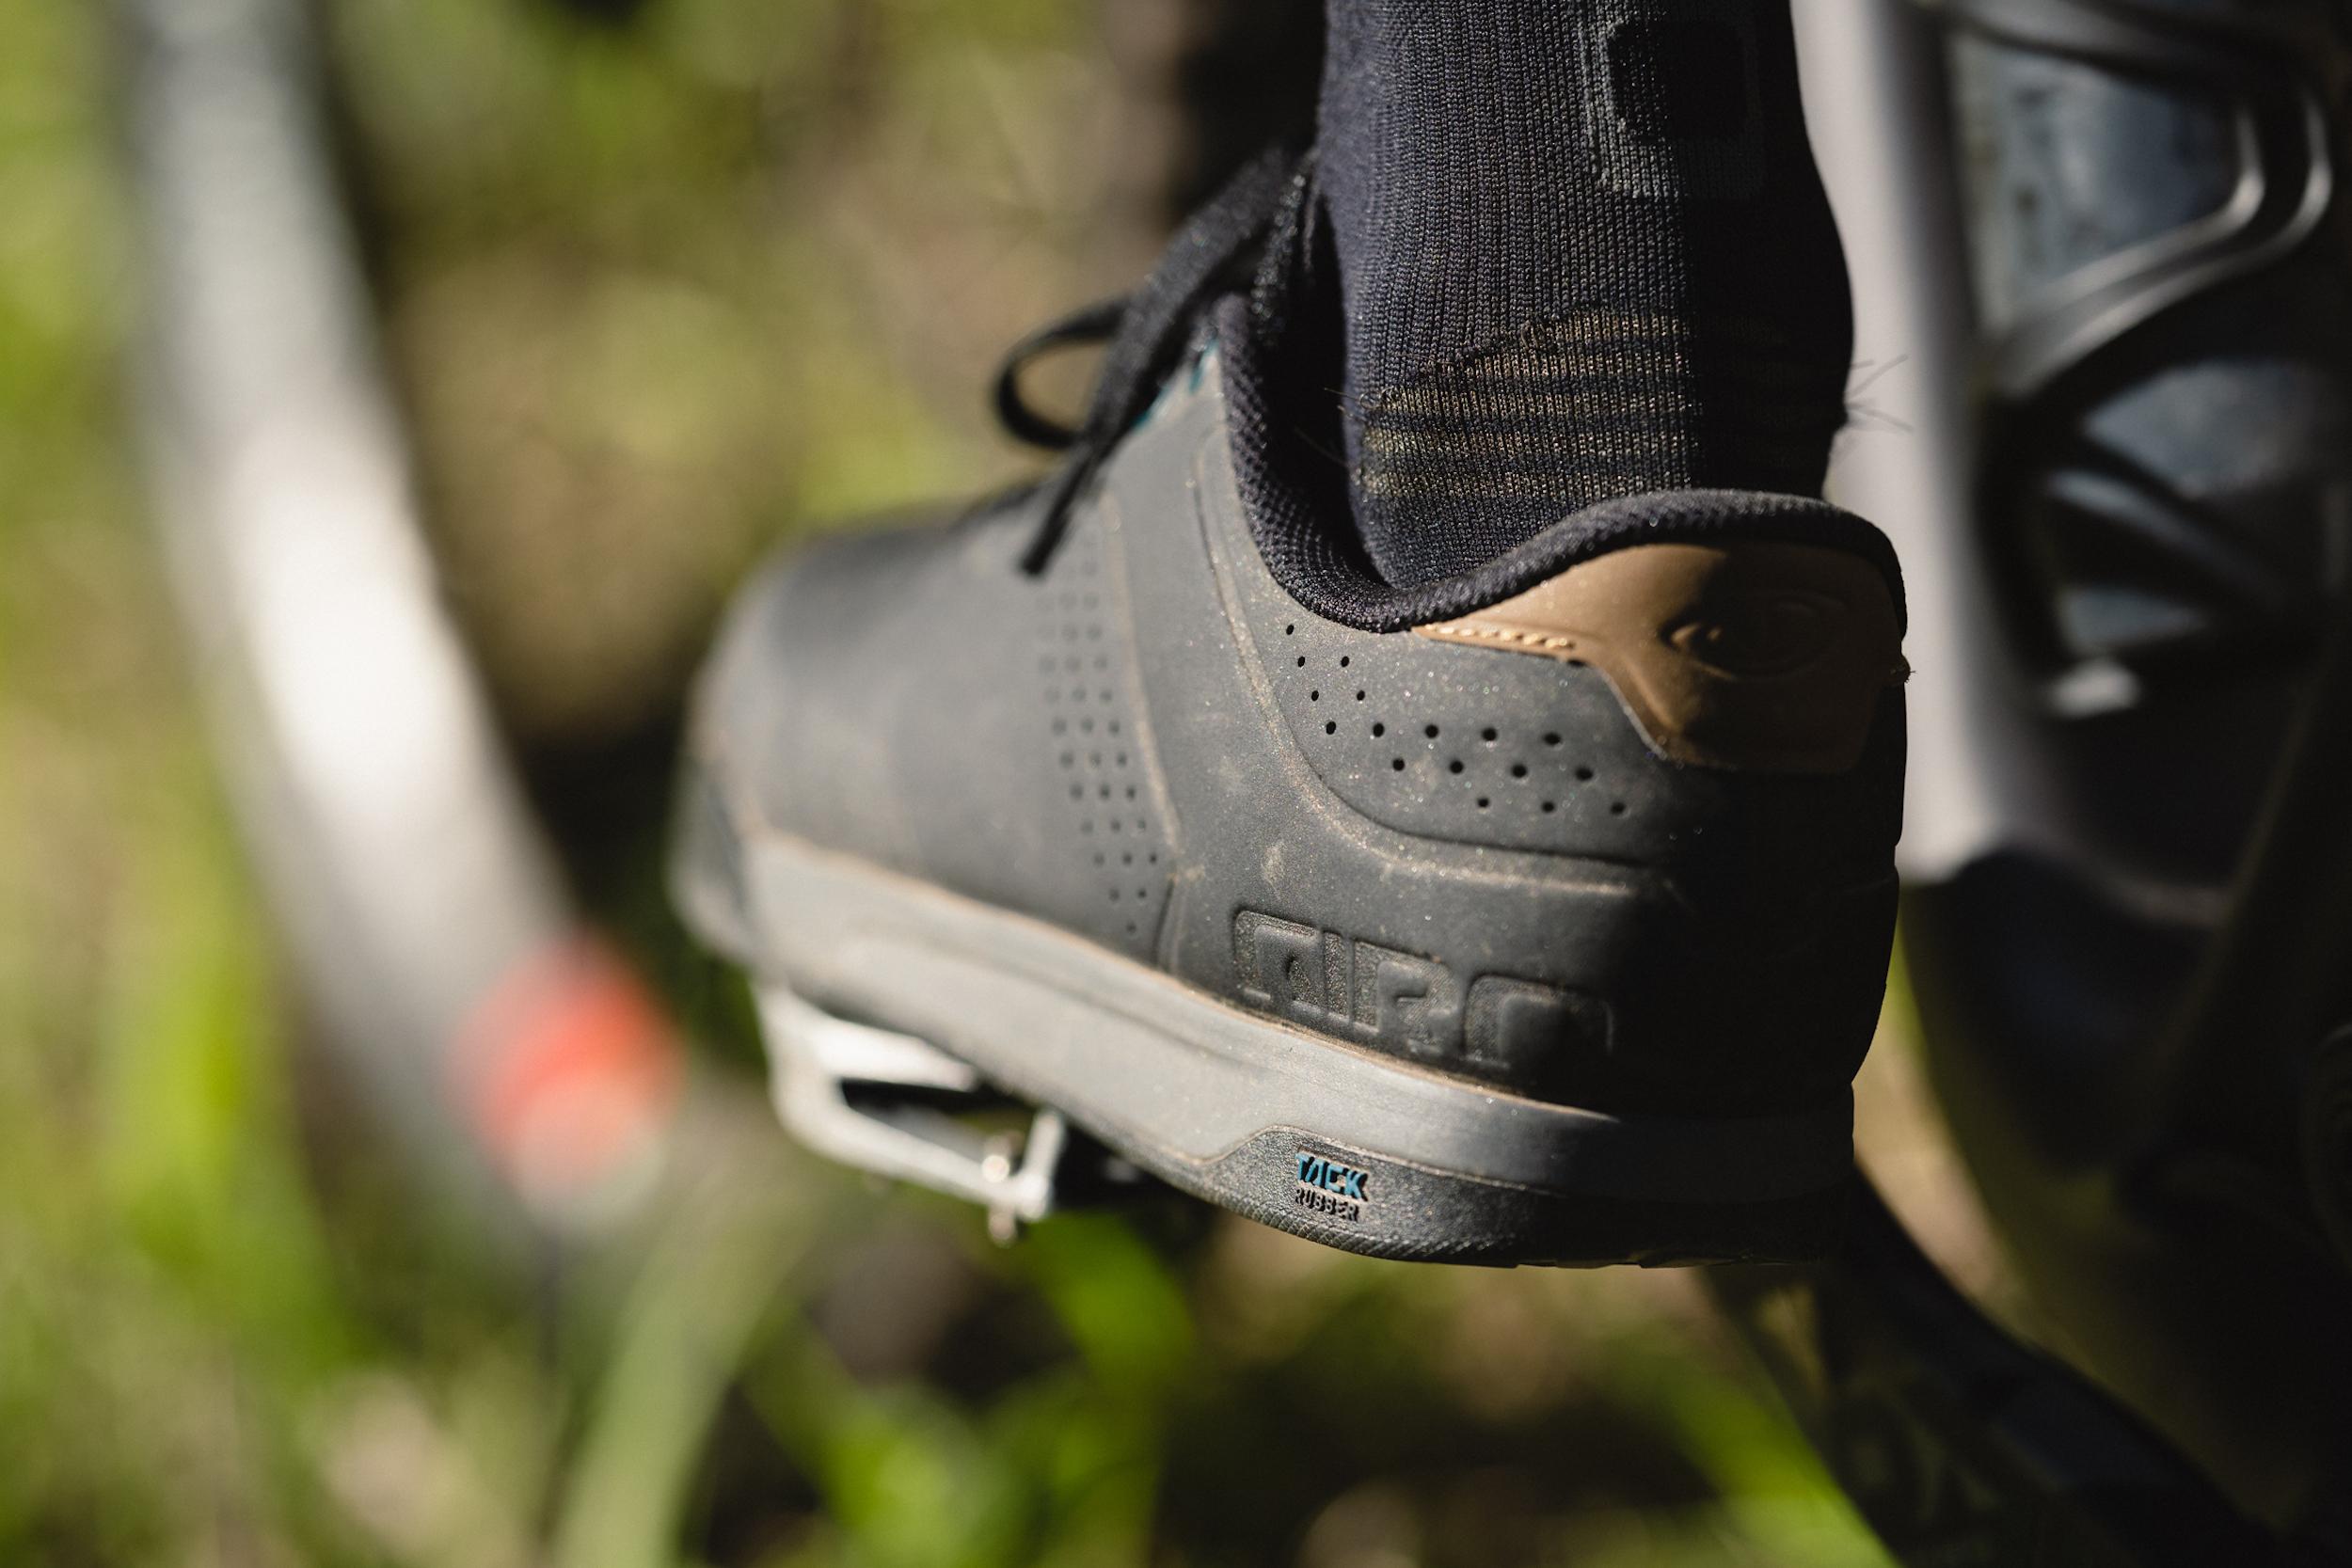 Zapatilla de bicicleta de montaña Giro-Latch en el pedal